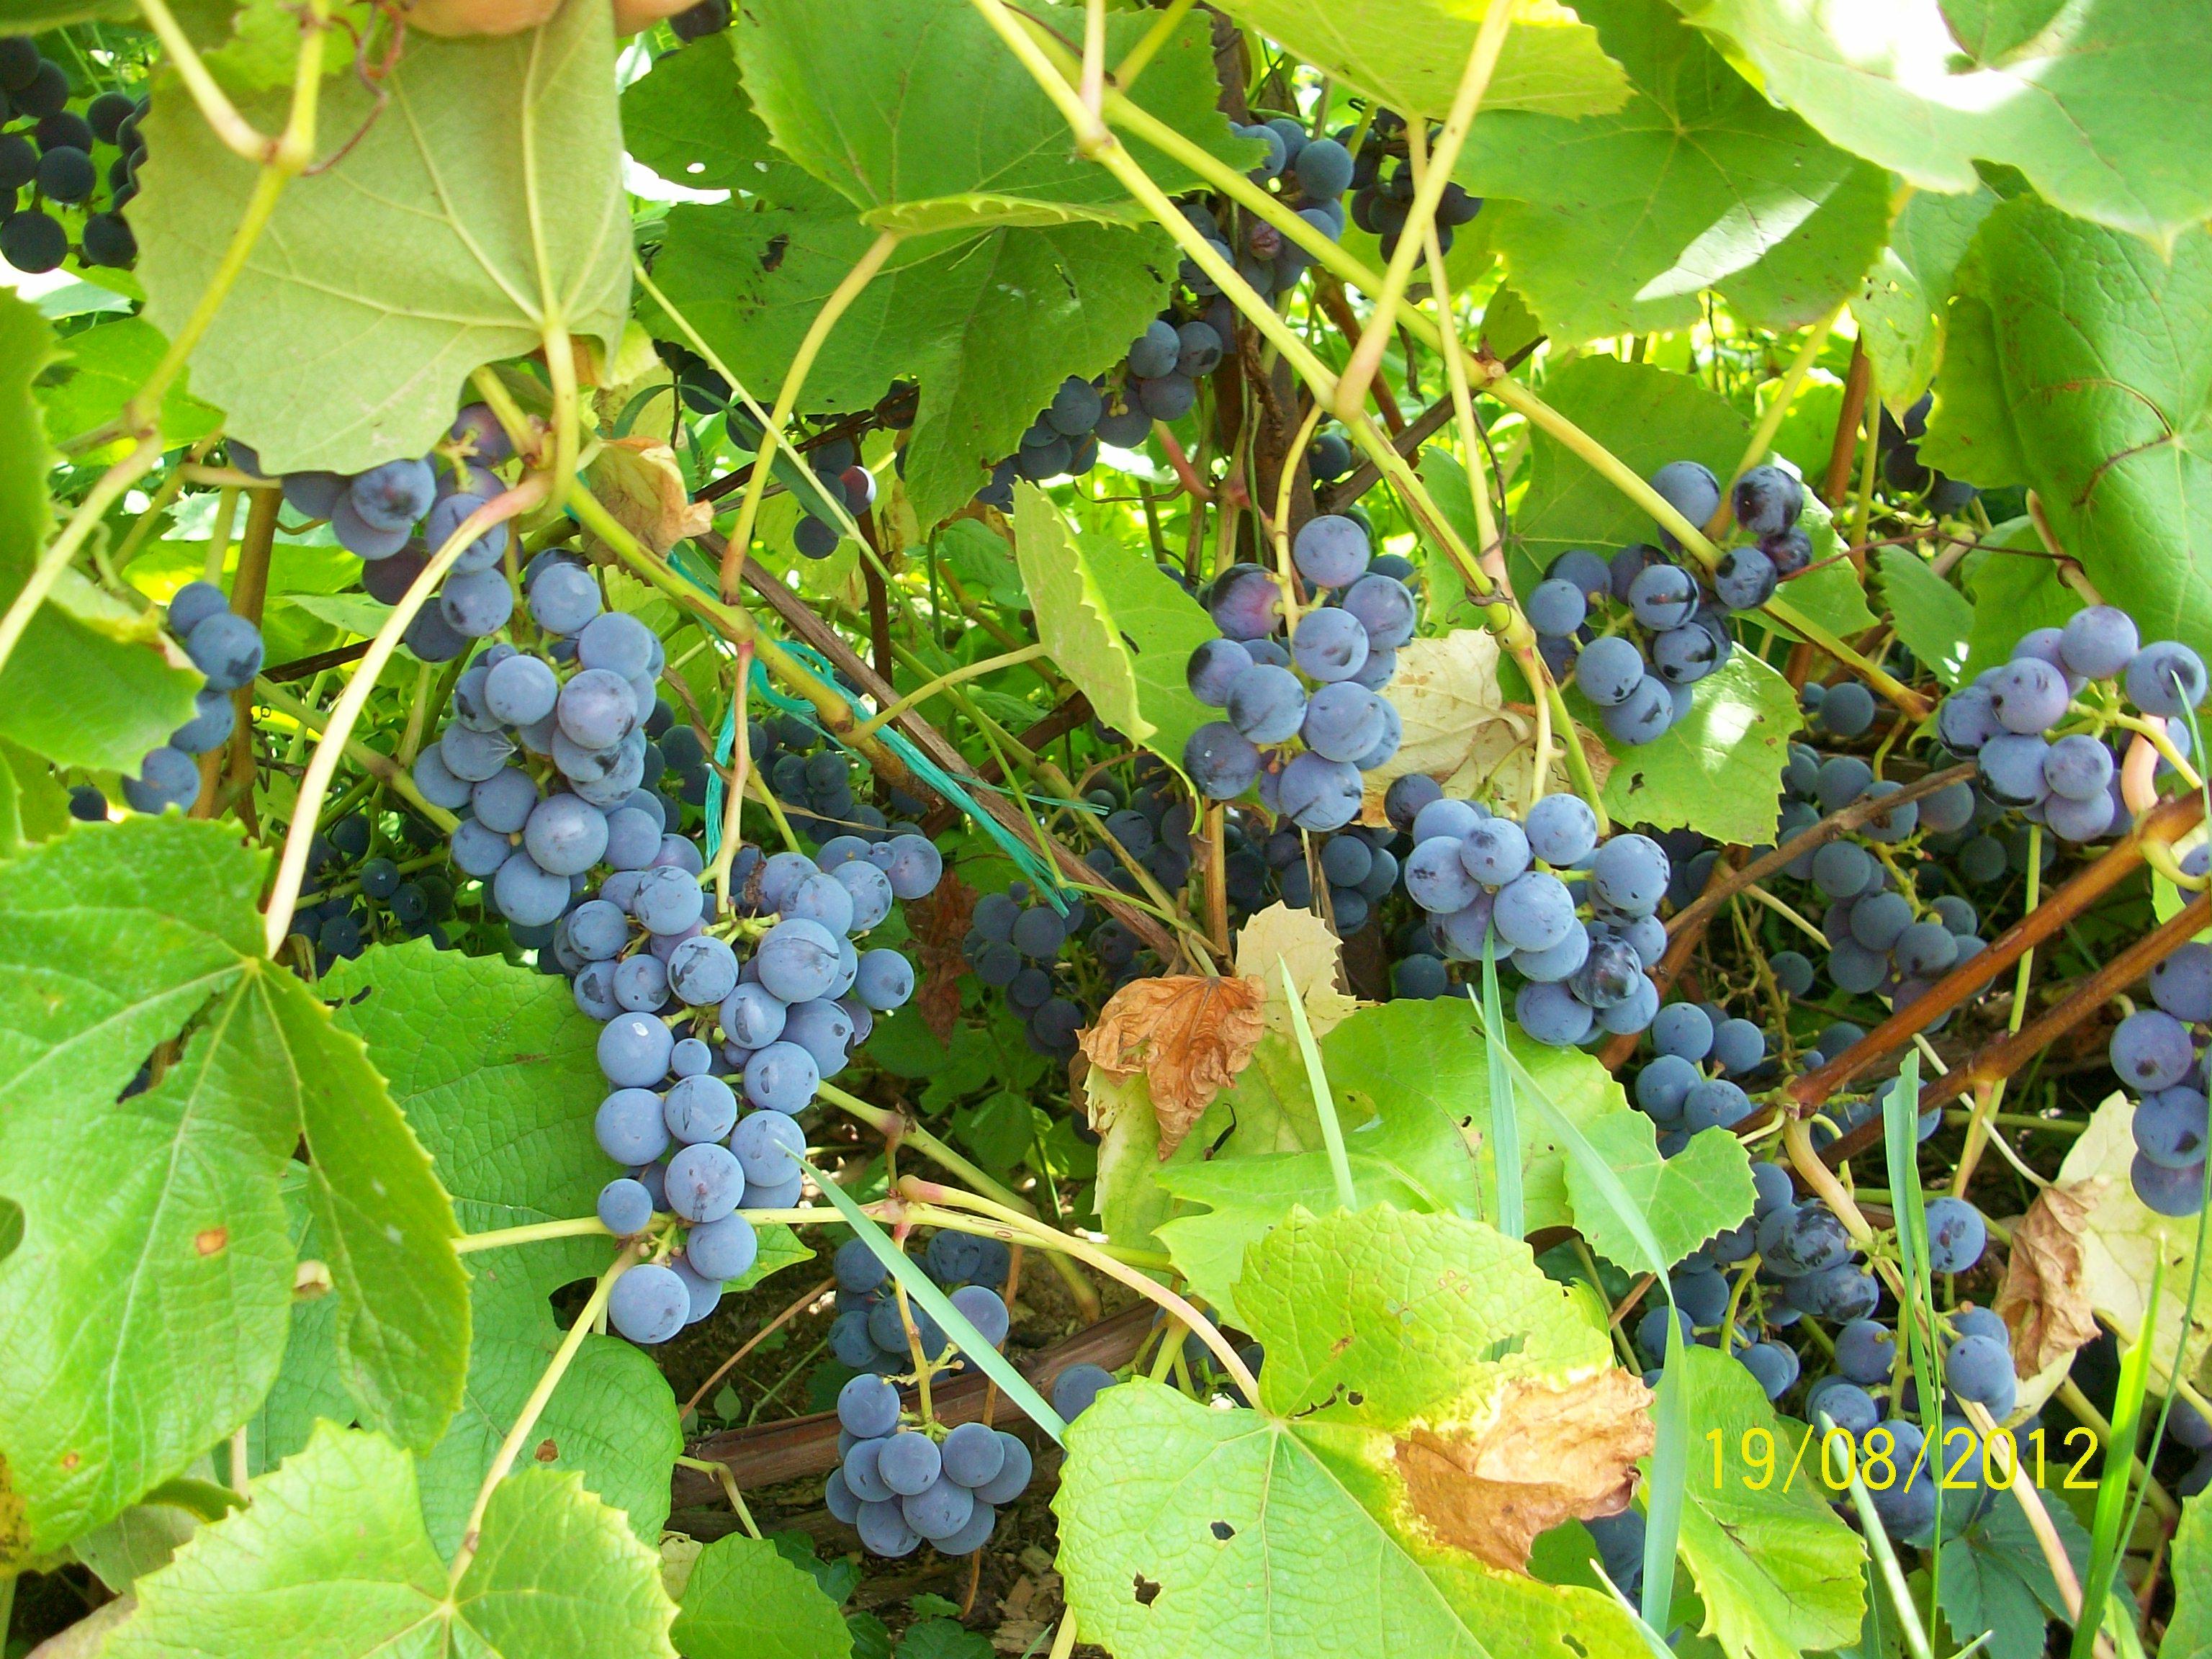 Описание сорта винограда зилга: характеристики, преимущества и недостатки